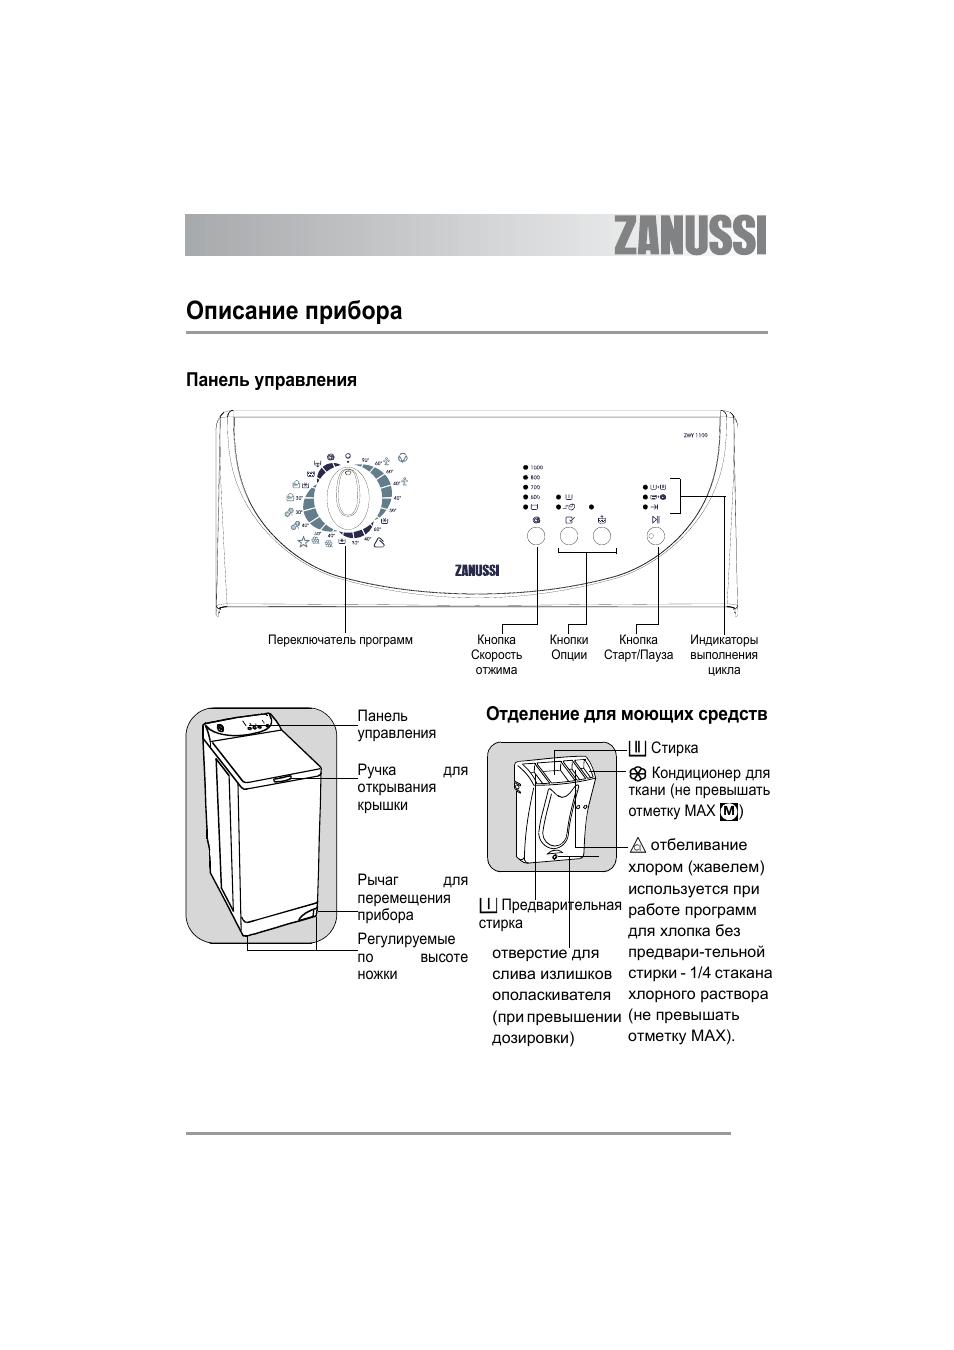 Описание прибора, Панель управления отделение для моющих